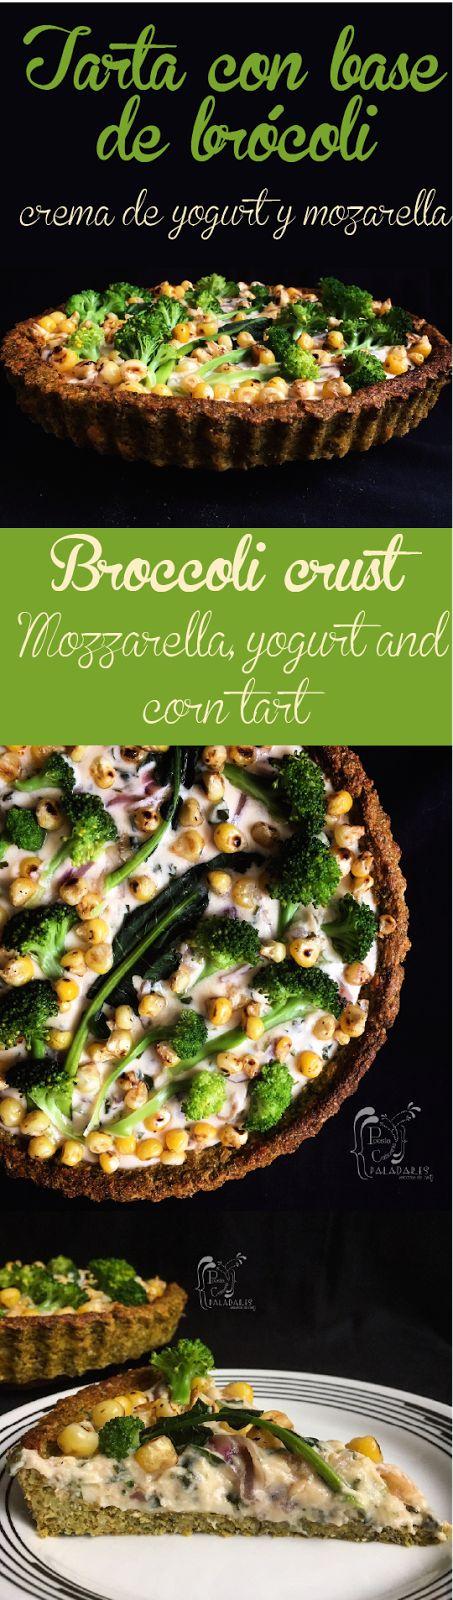 Paladares {Sabores de nati }: Juego de blogueros 2.0: Tarta con base de brócoli - crema de yogur, mozarella y maíz asado